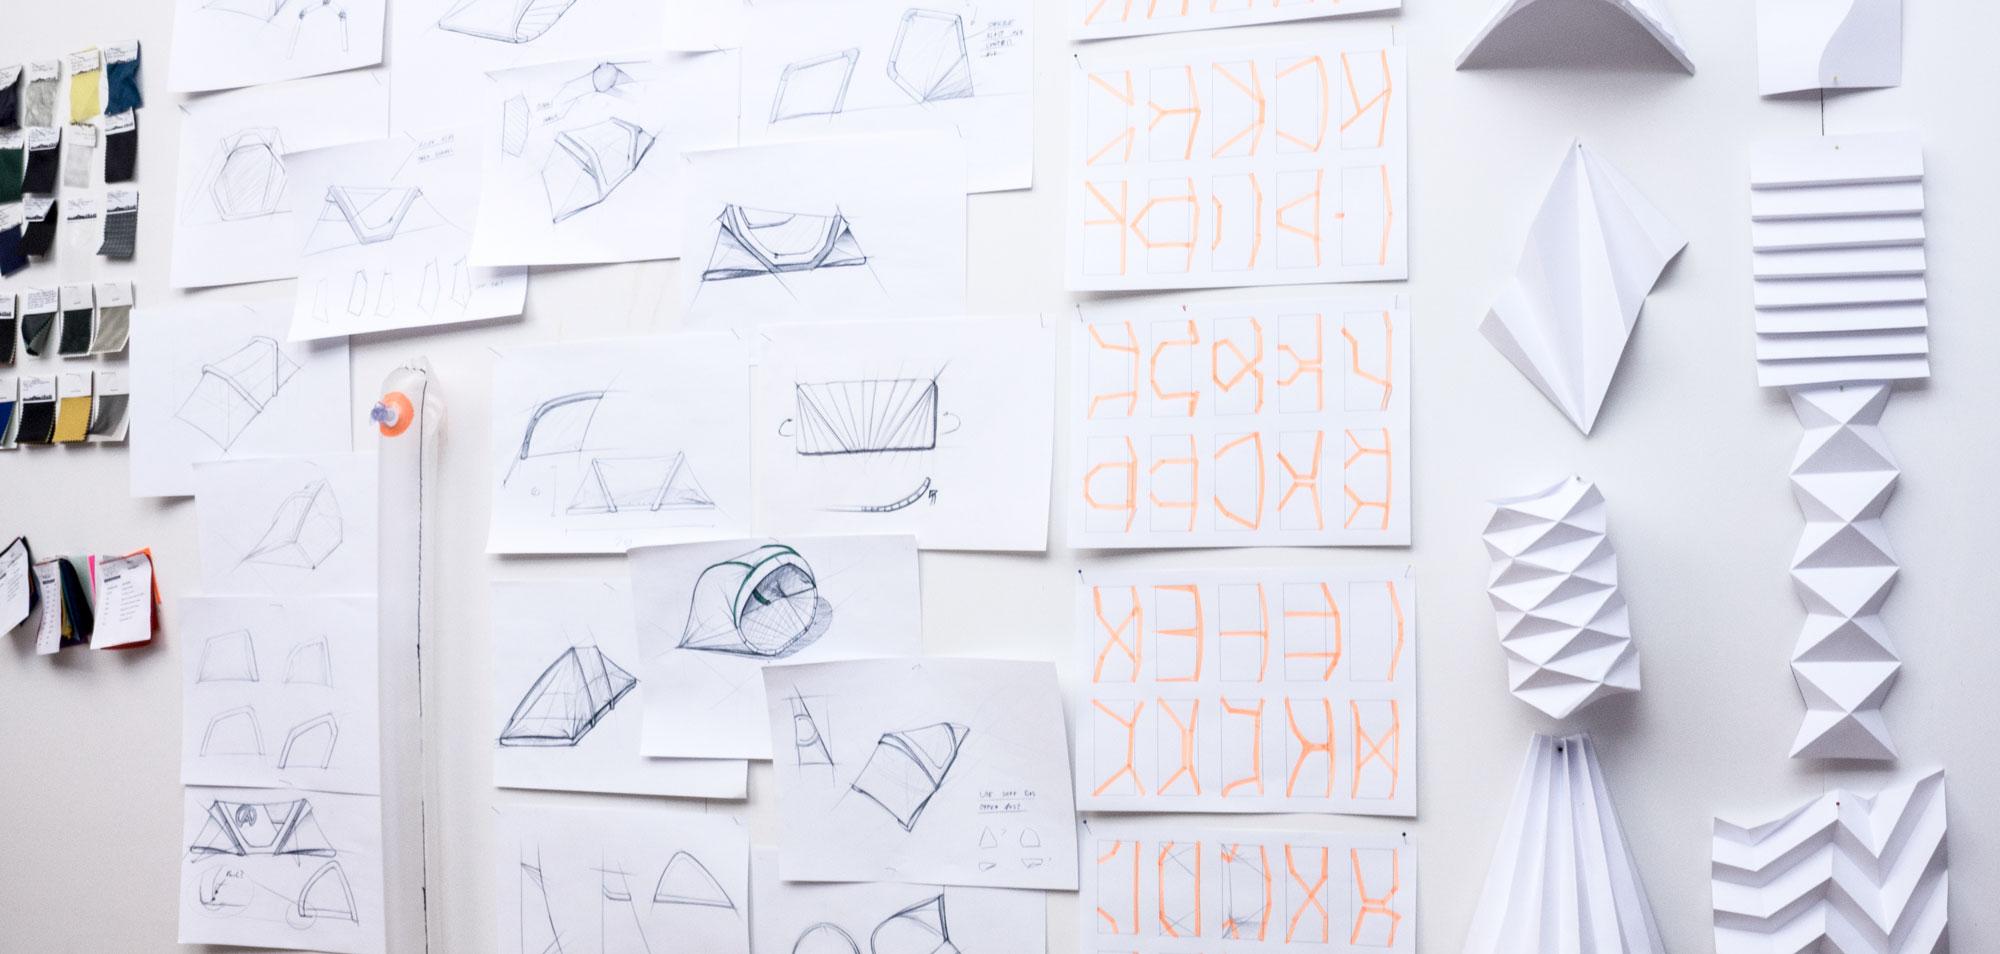 Konzeptphase und designstrategie im interdisziplinären Team